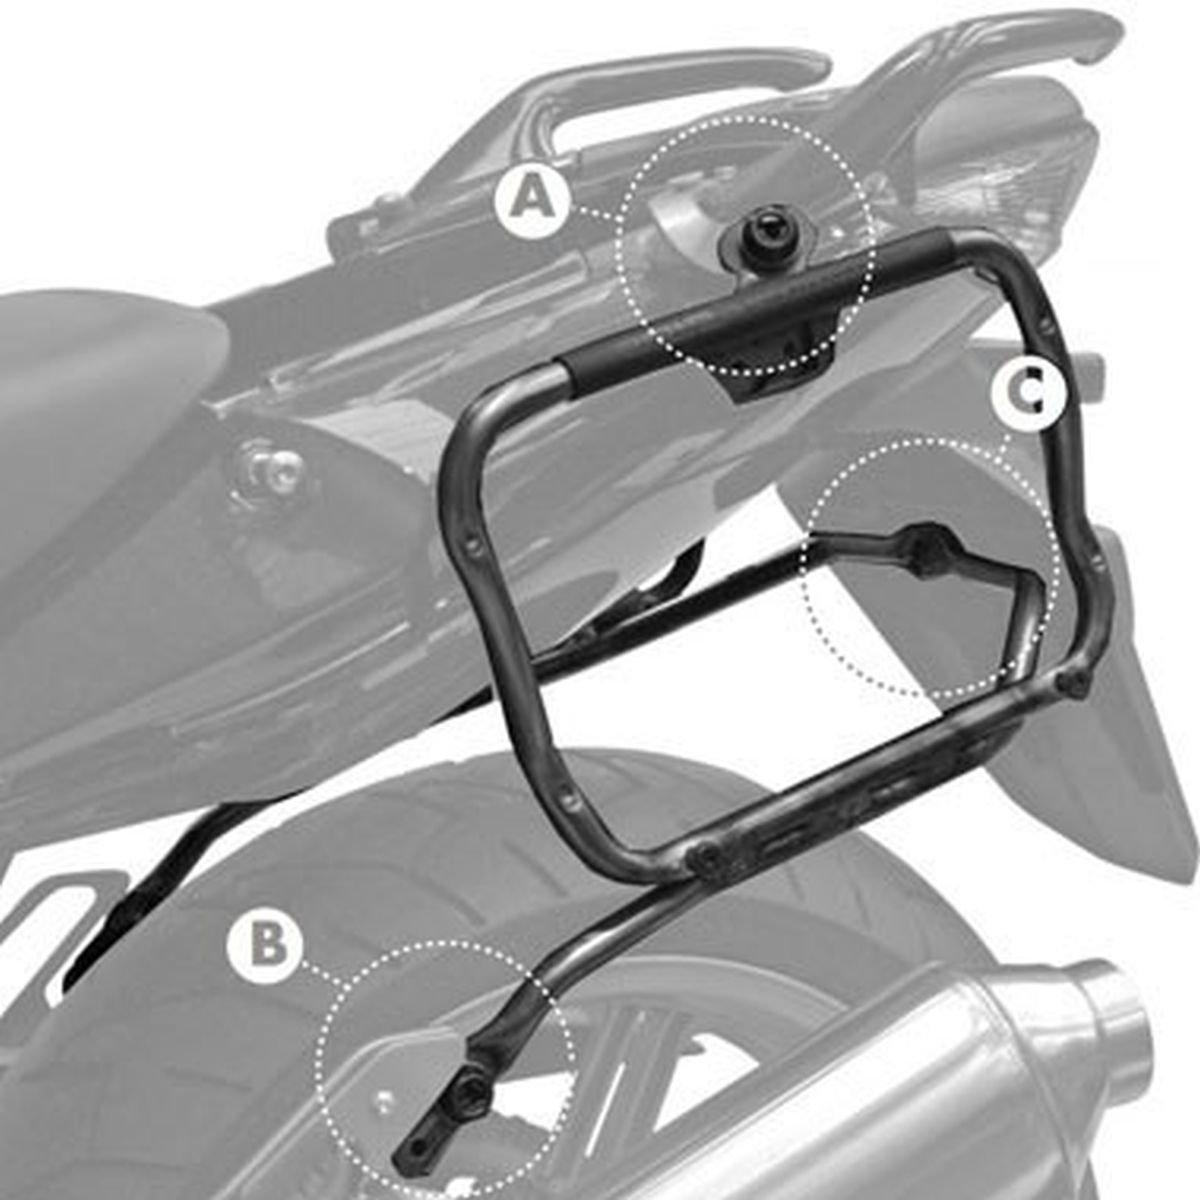 Abnehmbar GIVI PLXR174 Rapid Stahlrohr-Seitenkoffertr/äger